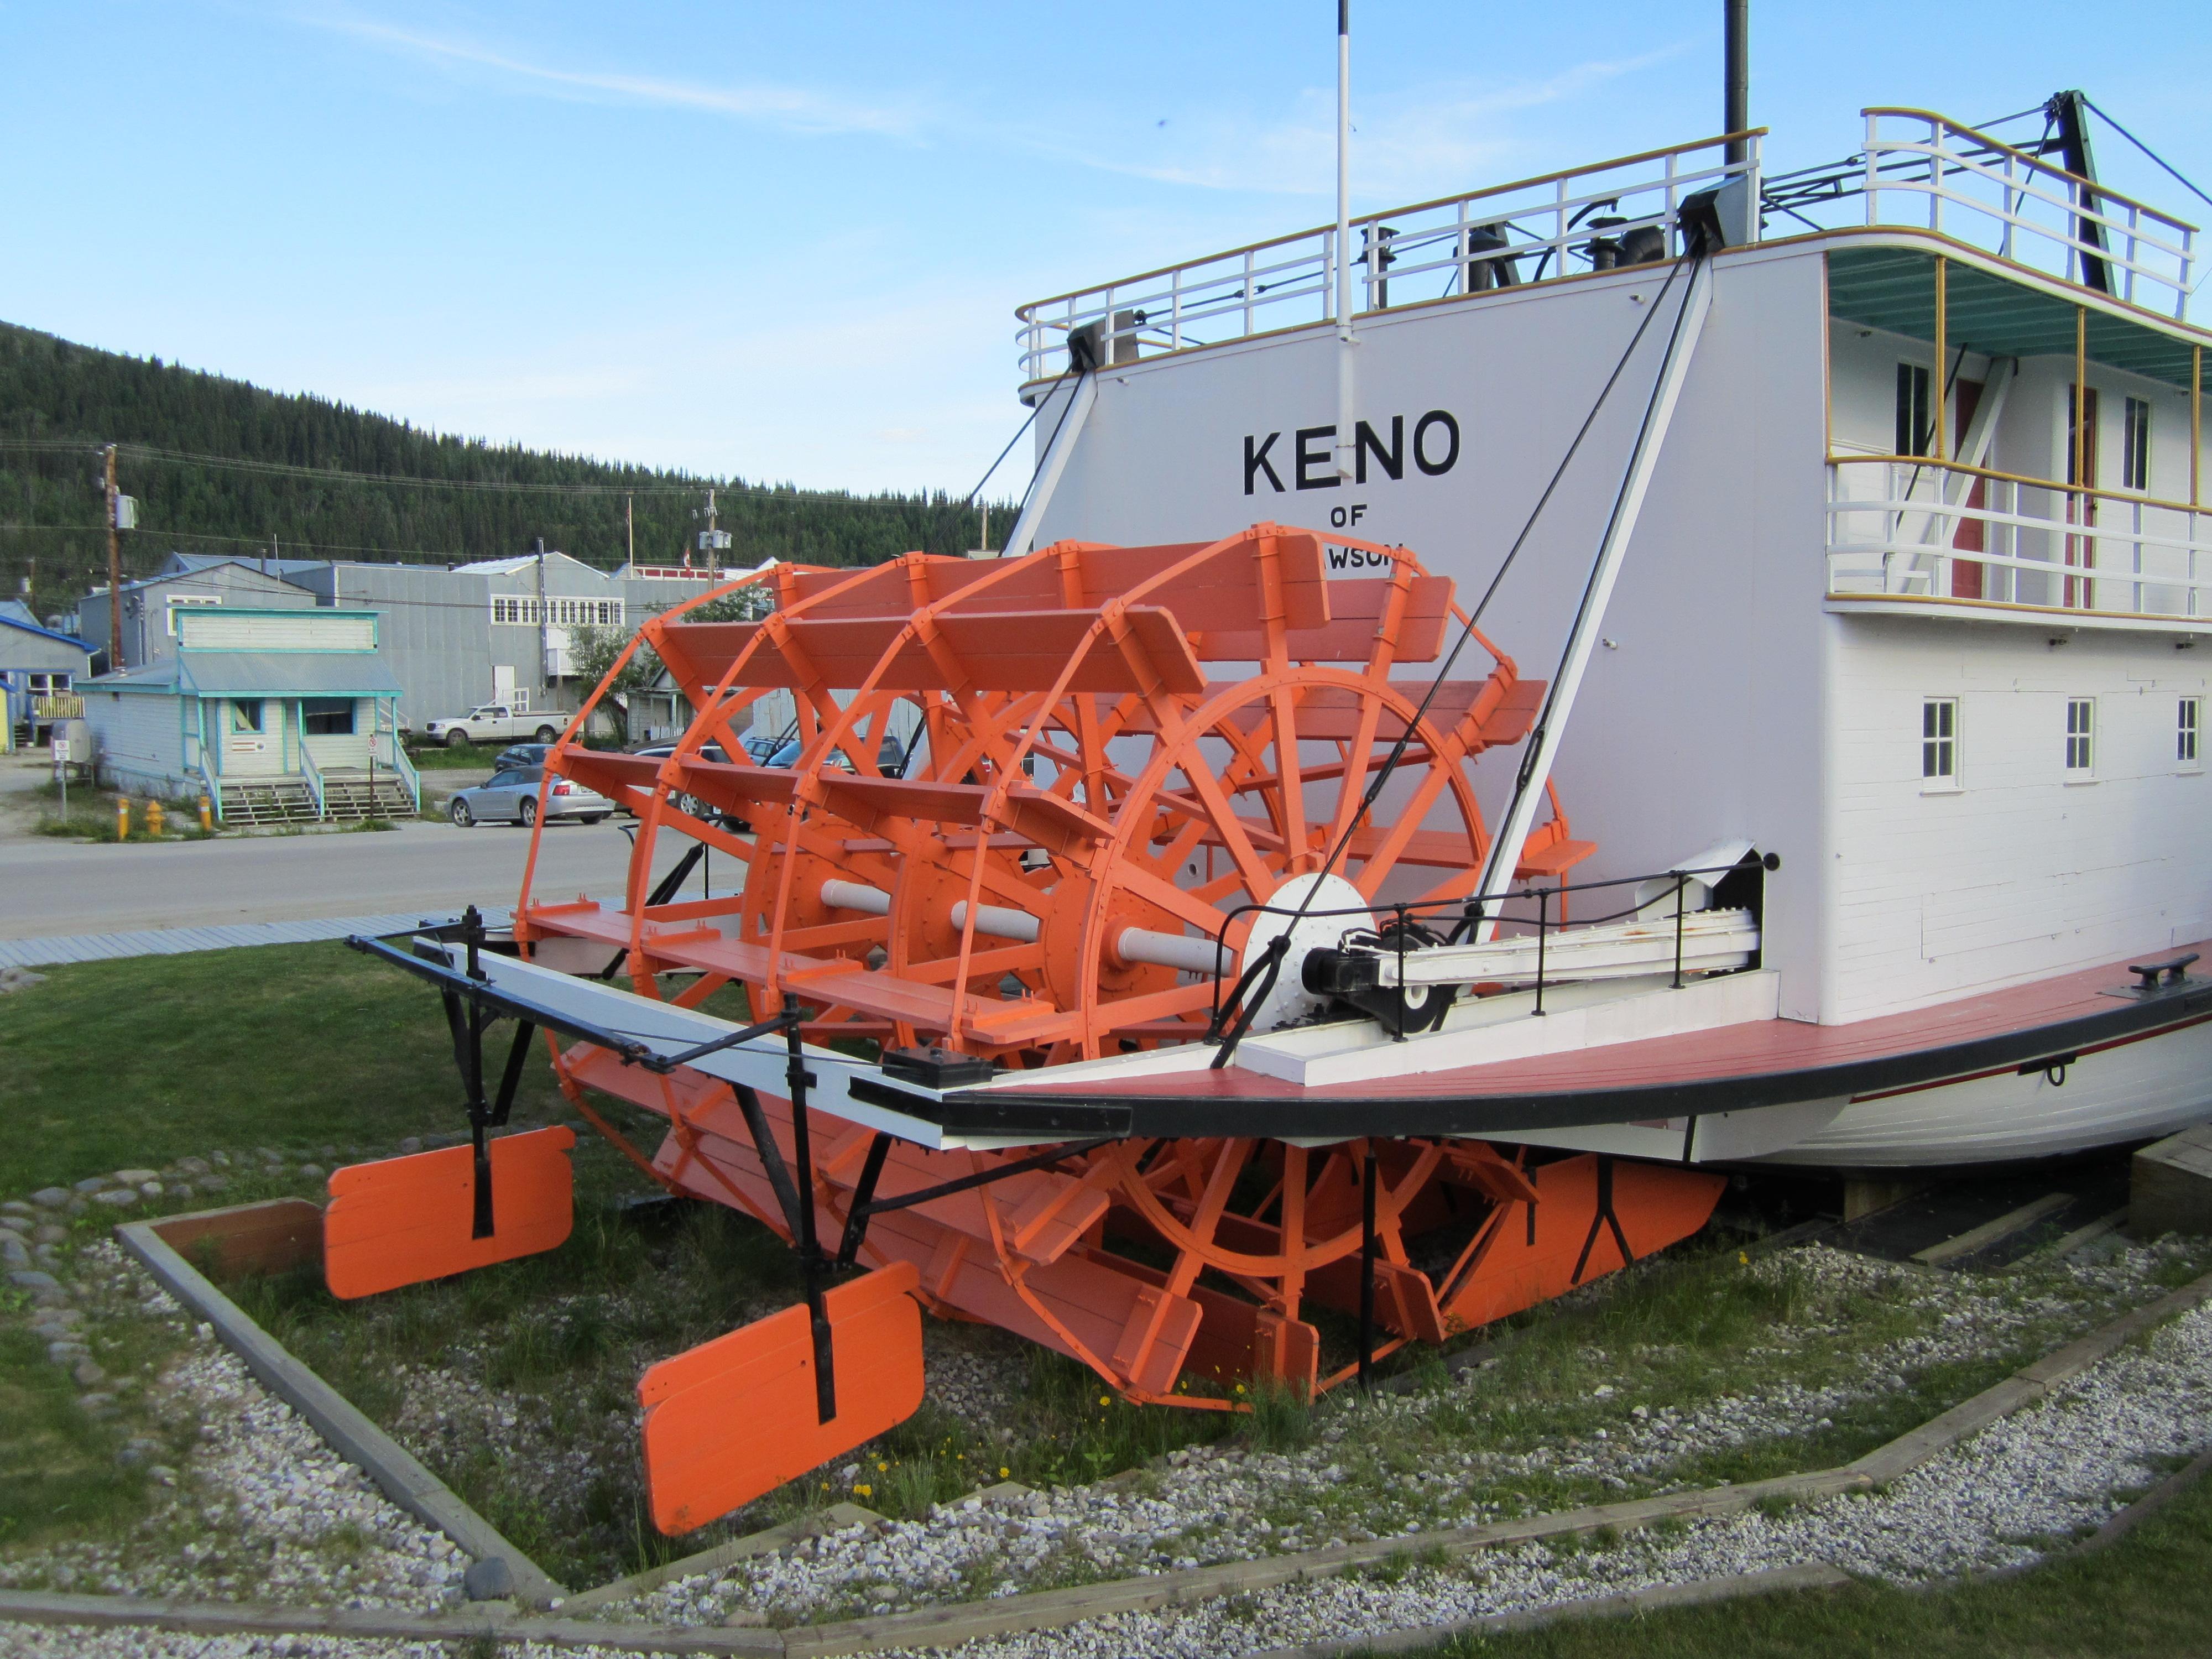 paddle boat paddle boat wheel